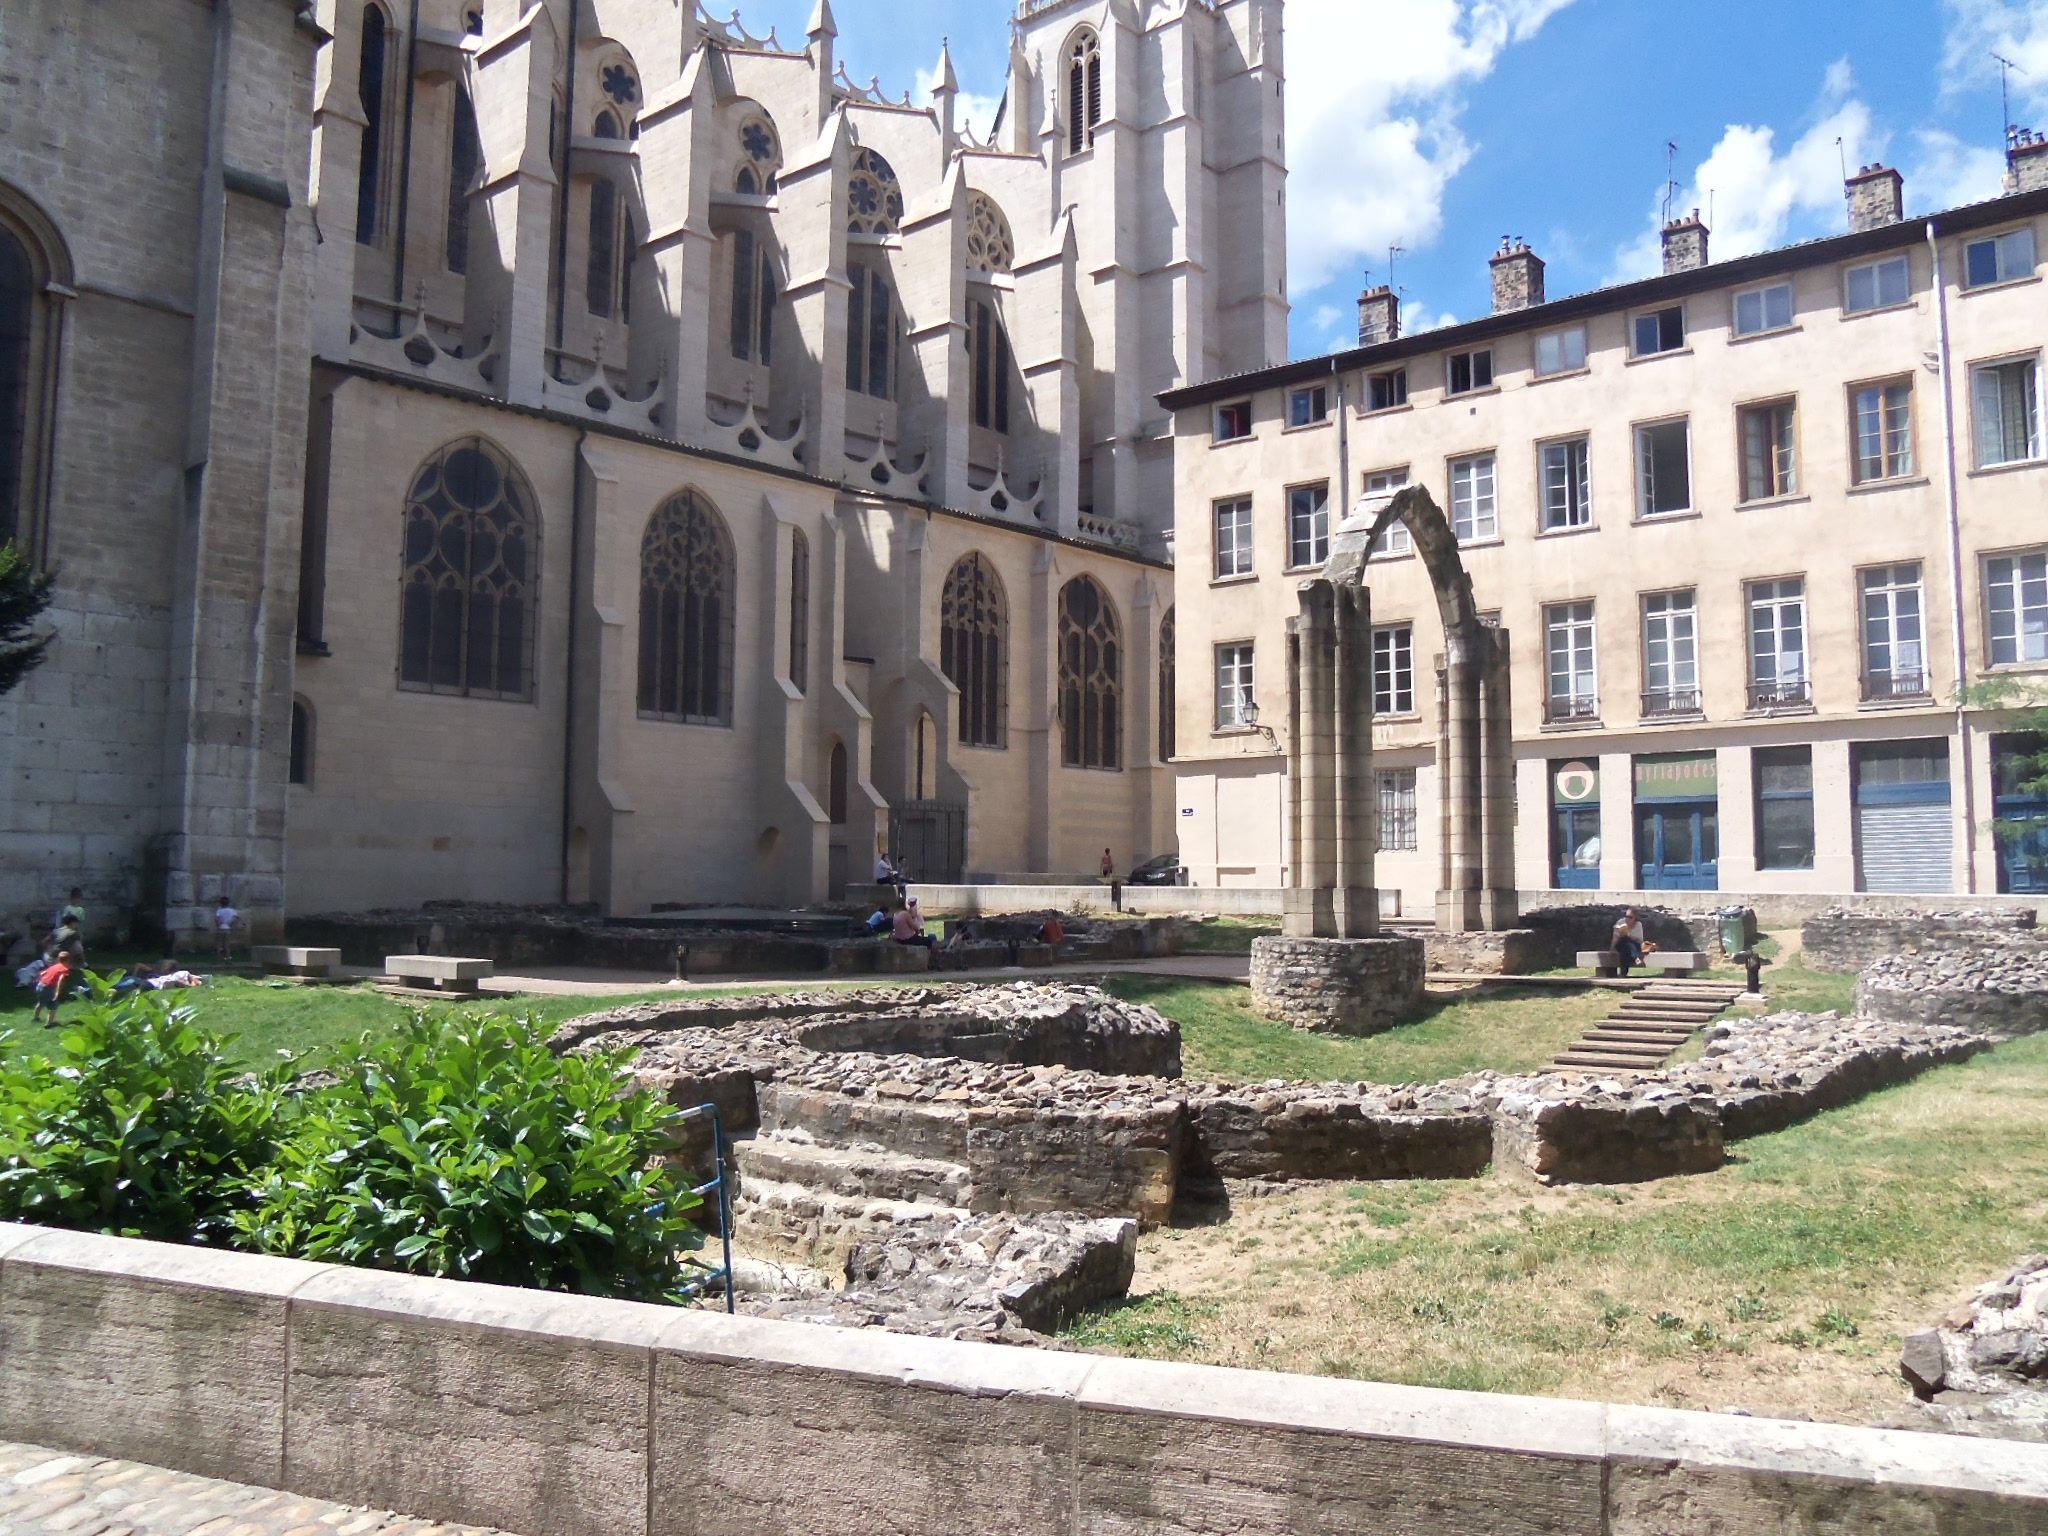 Jardin archeologique de saint jean carnets de voyages d for A la verticale du jardin grenoble